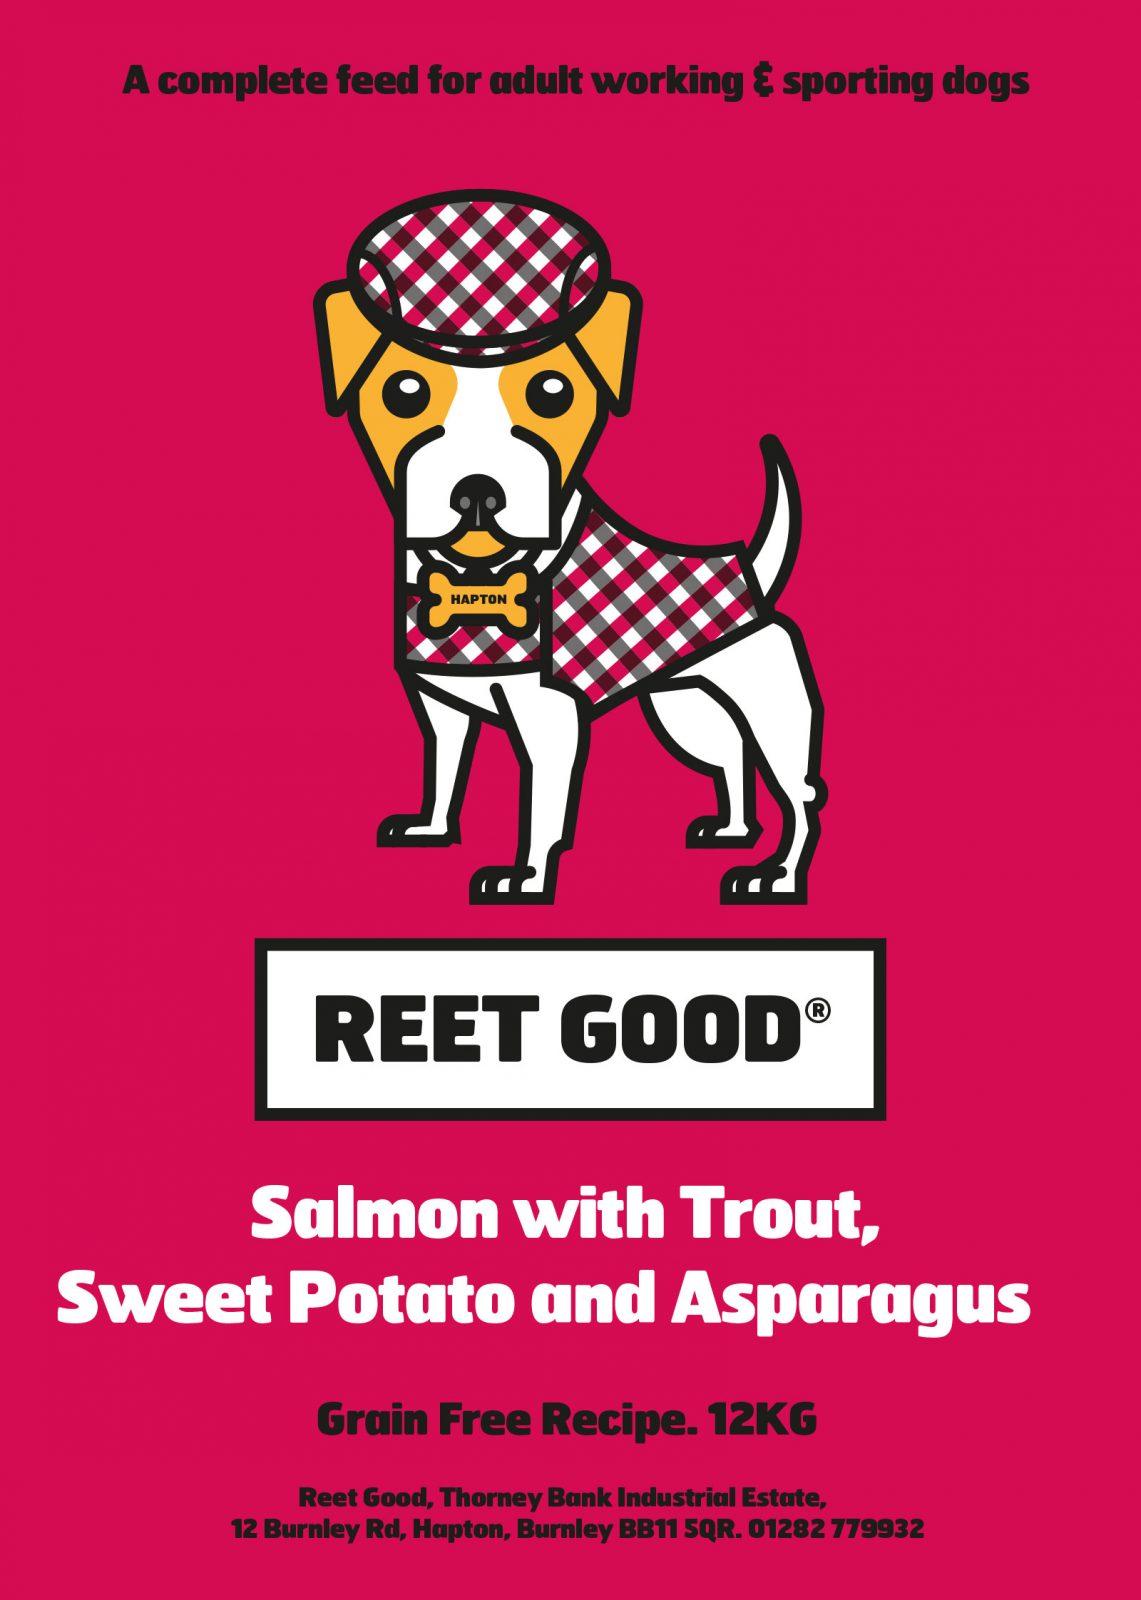 Salmon, Trout, Sweet Potato & Asparagus